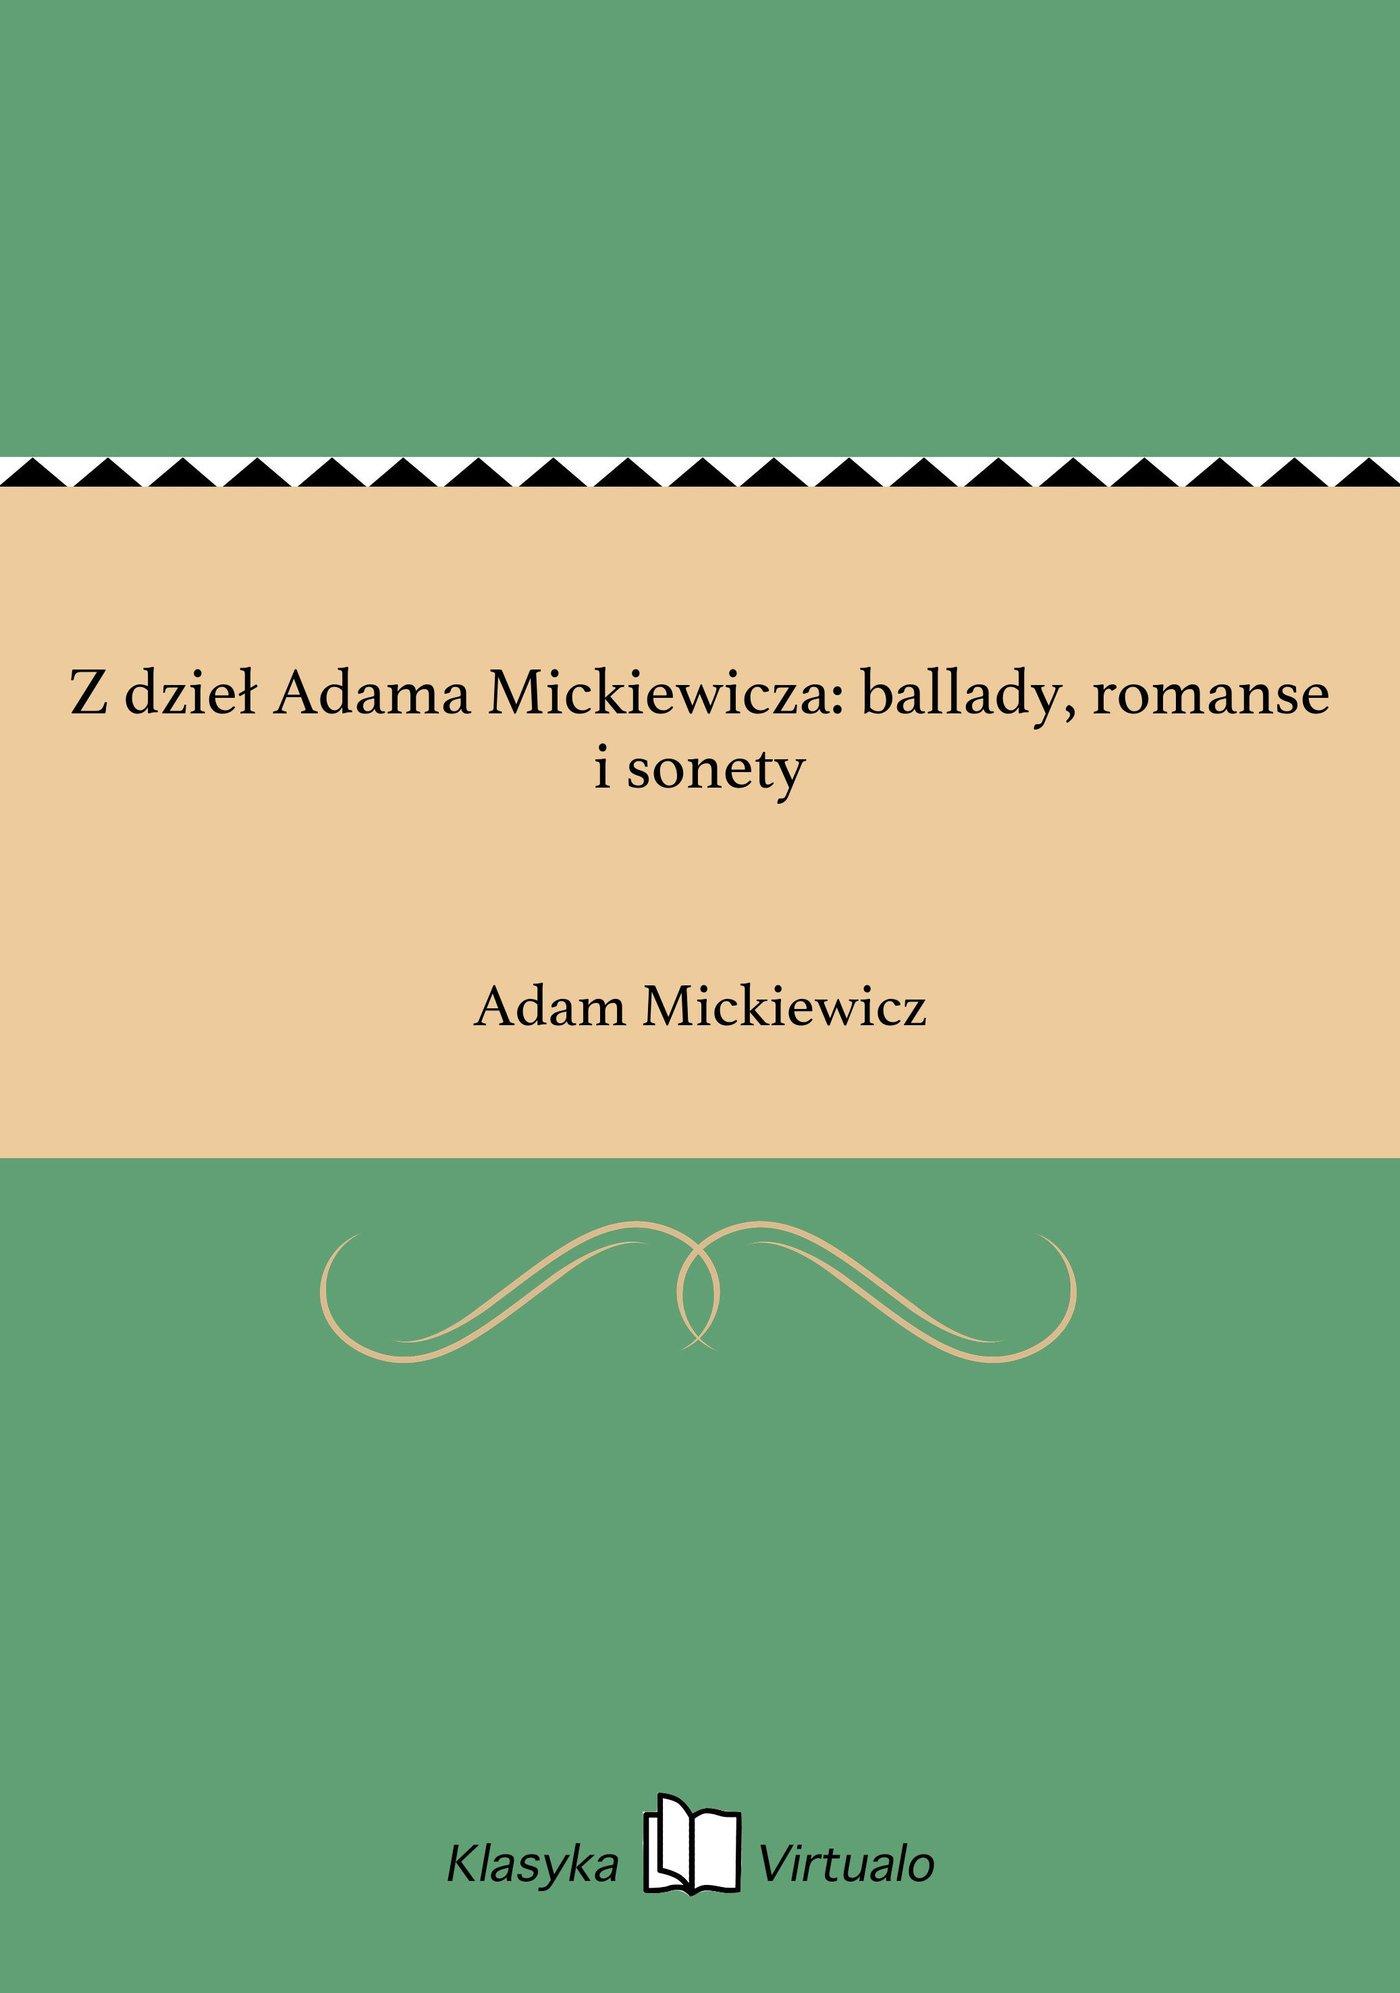 Z dzieł Adama Mickiewicza: ballady, romanse i sonety - Ebook (Książka EPUB) do pobrania w formacie EPUB